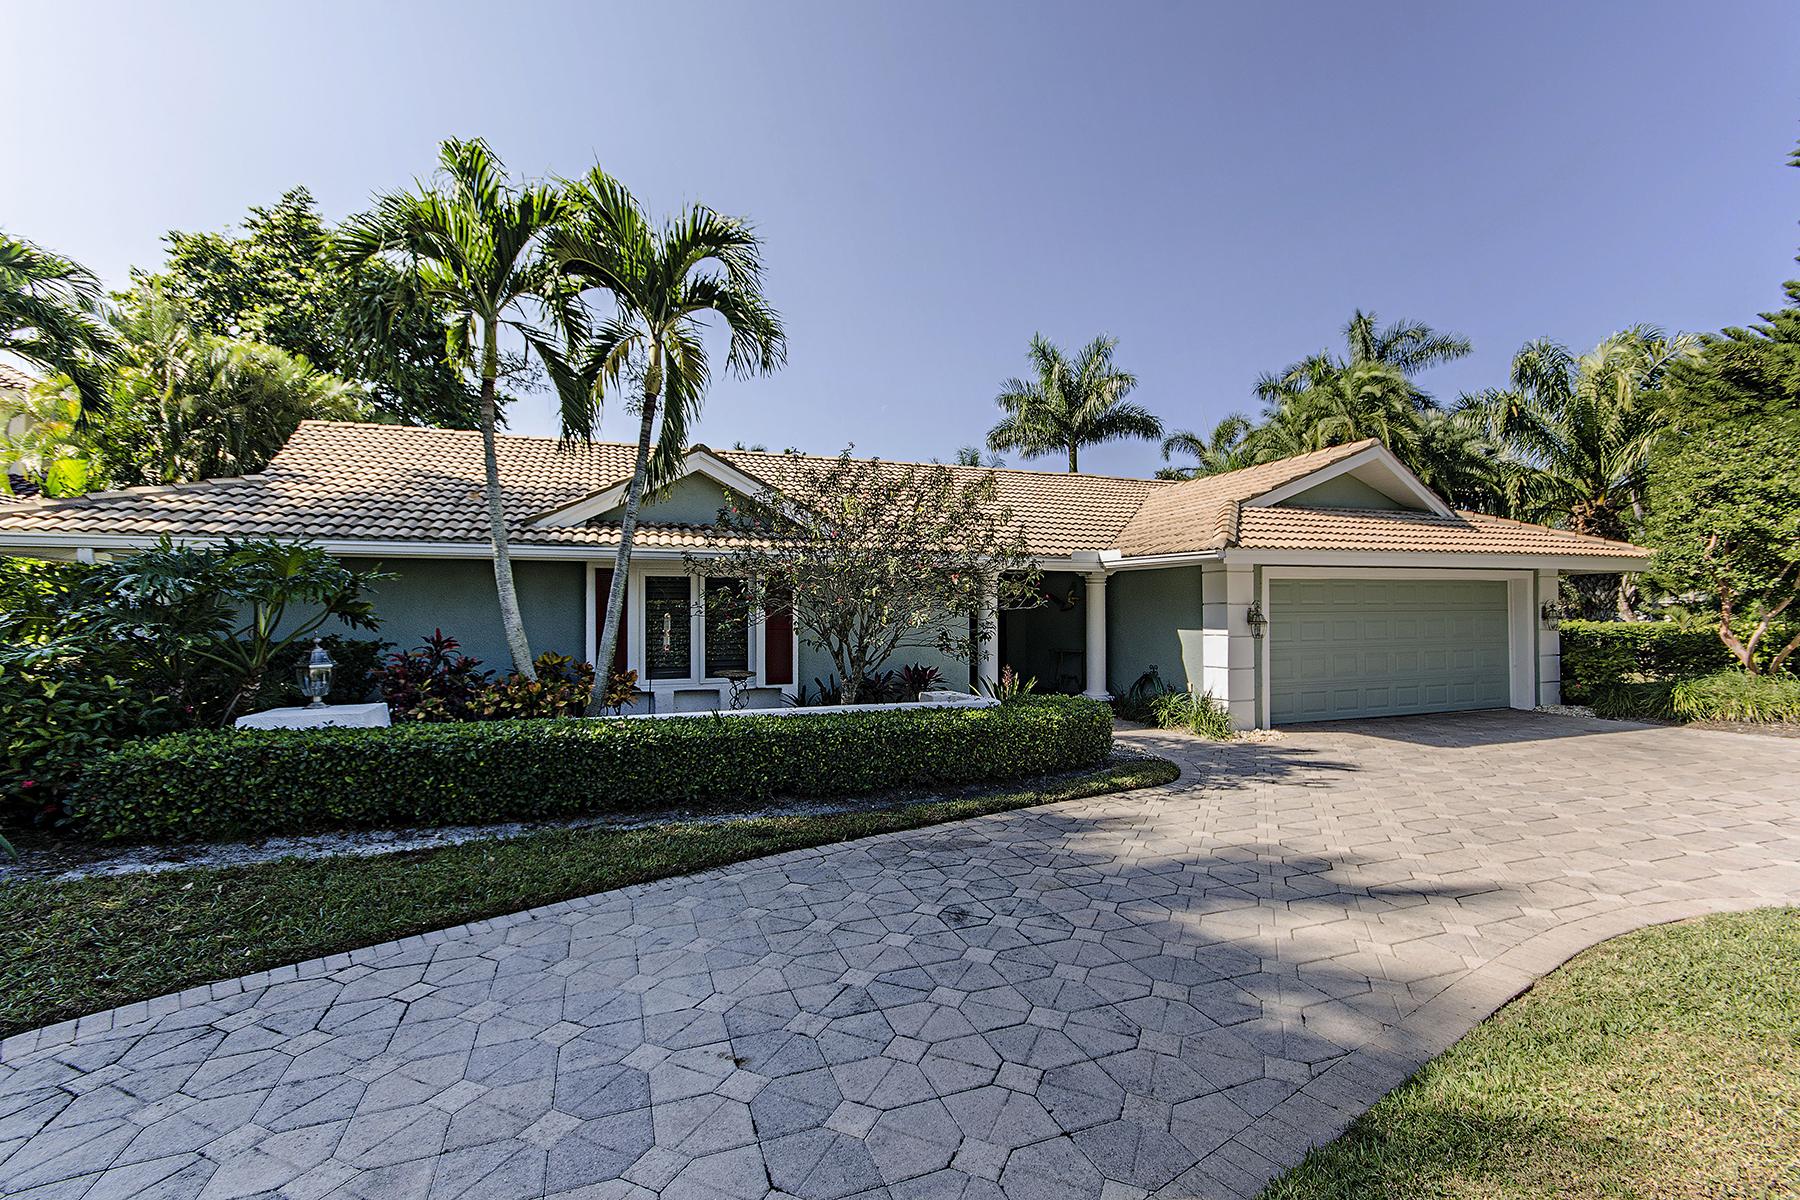 Частный односемейный дом для того Продажа на Naples 4131 Belair Ln Naples, Флорида, 34103 Соединенные Штаты